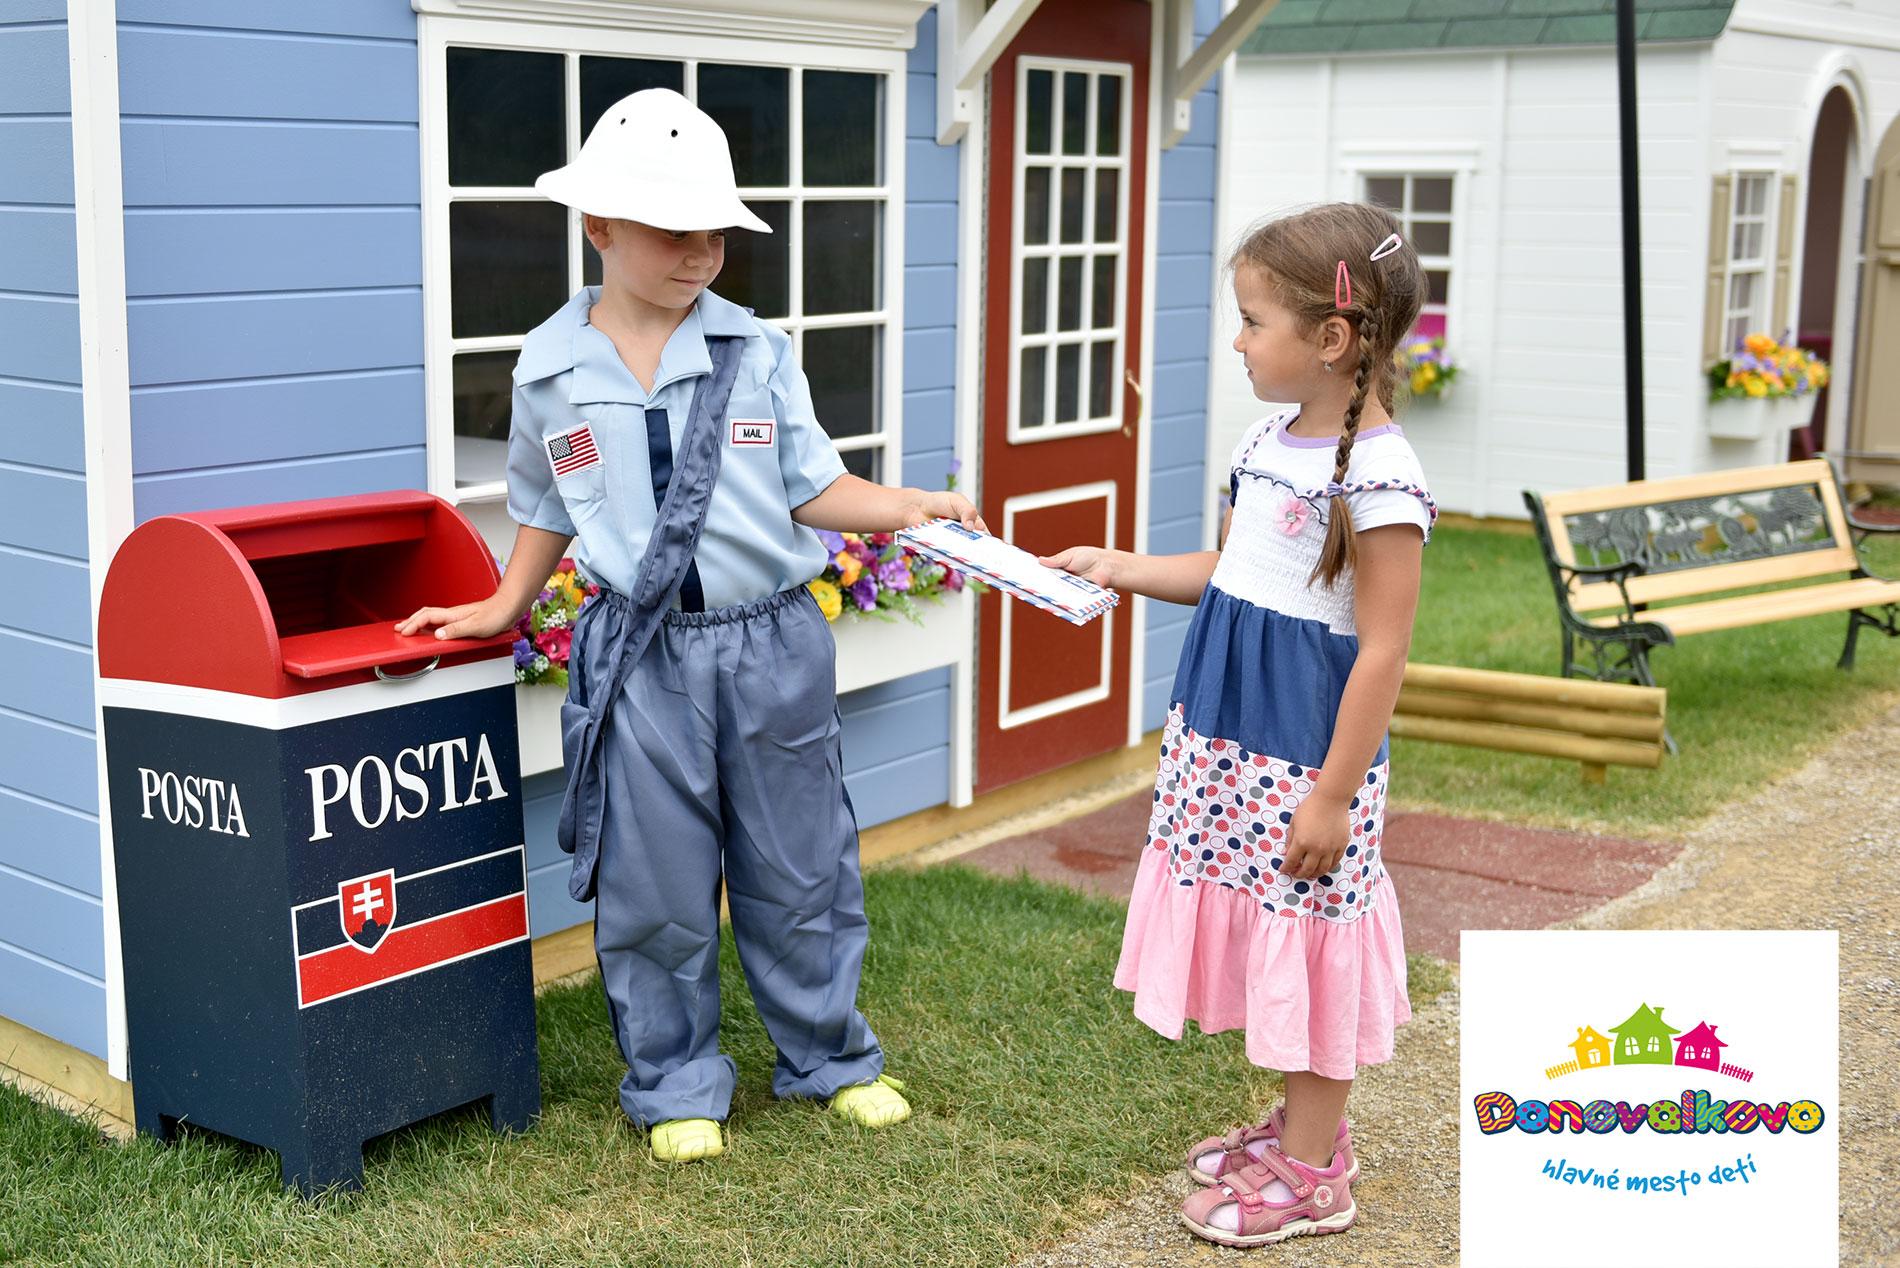 deti v kostýme poštára pred poštou v detskom hlavnom mestečku